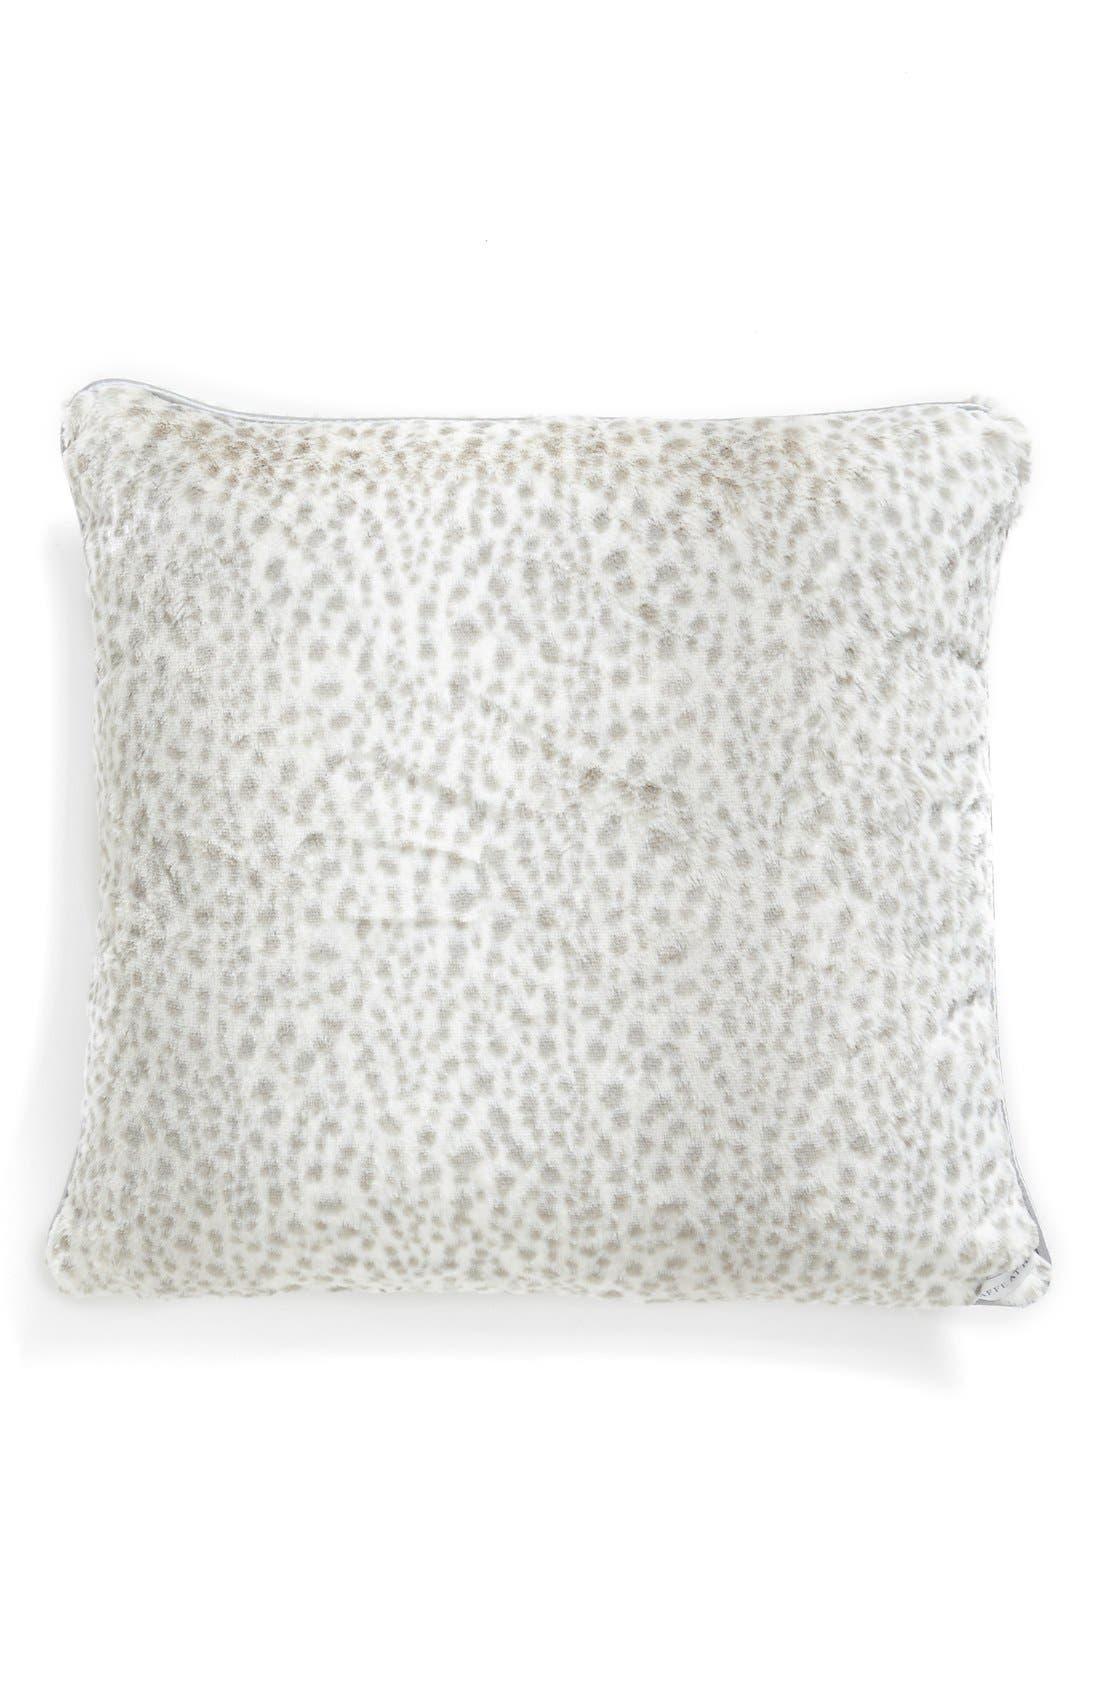 'Snow Leopard' Faux Fur Throw Pillow,                         Main,                         color, Silver